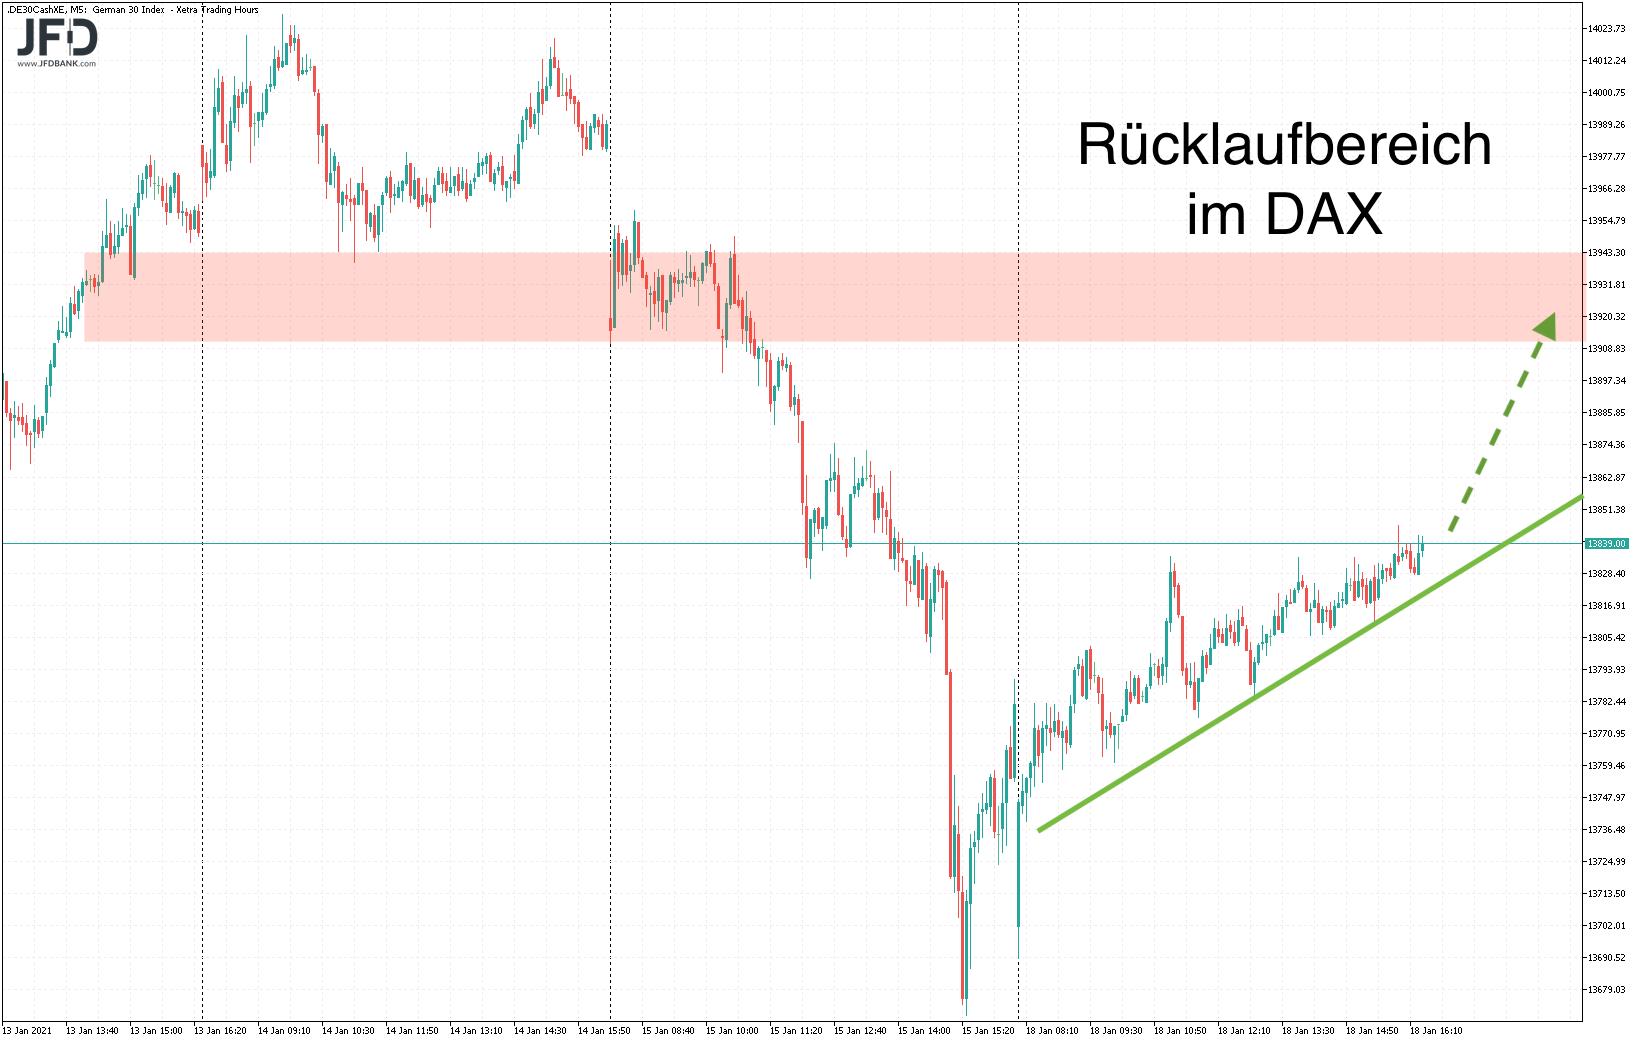 Blickt-der-DAX-heute-wieder-auf-die-14-000-Kommentar-JFD-Bank-GodmodeTrader.de-5